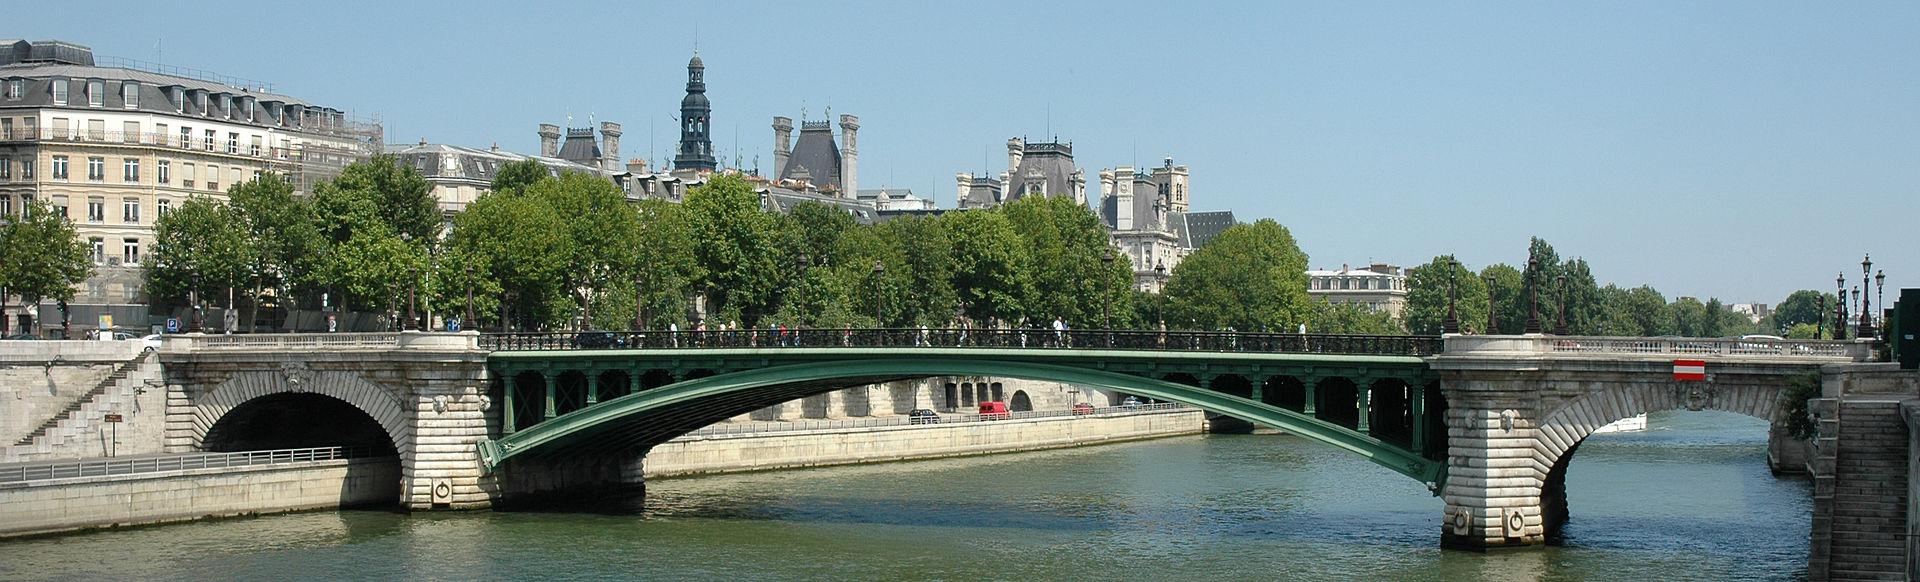 France Paris Pont Notre Dame 01.JPG